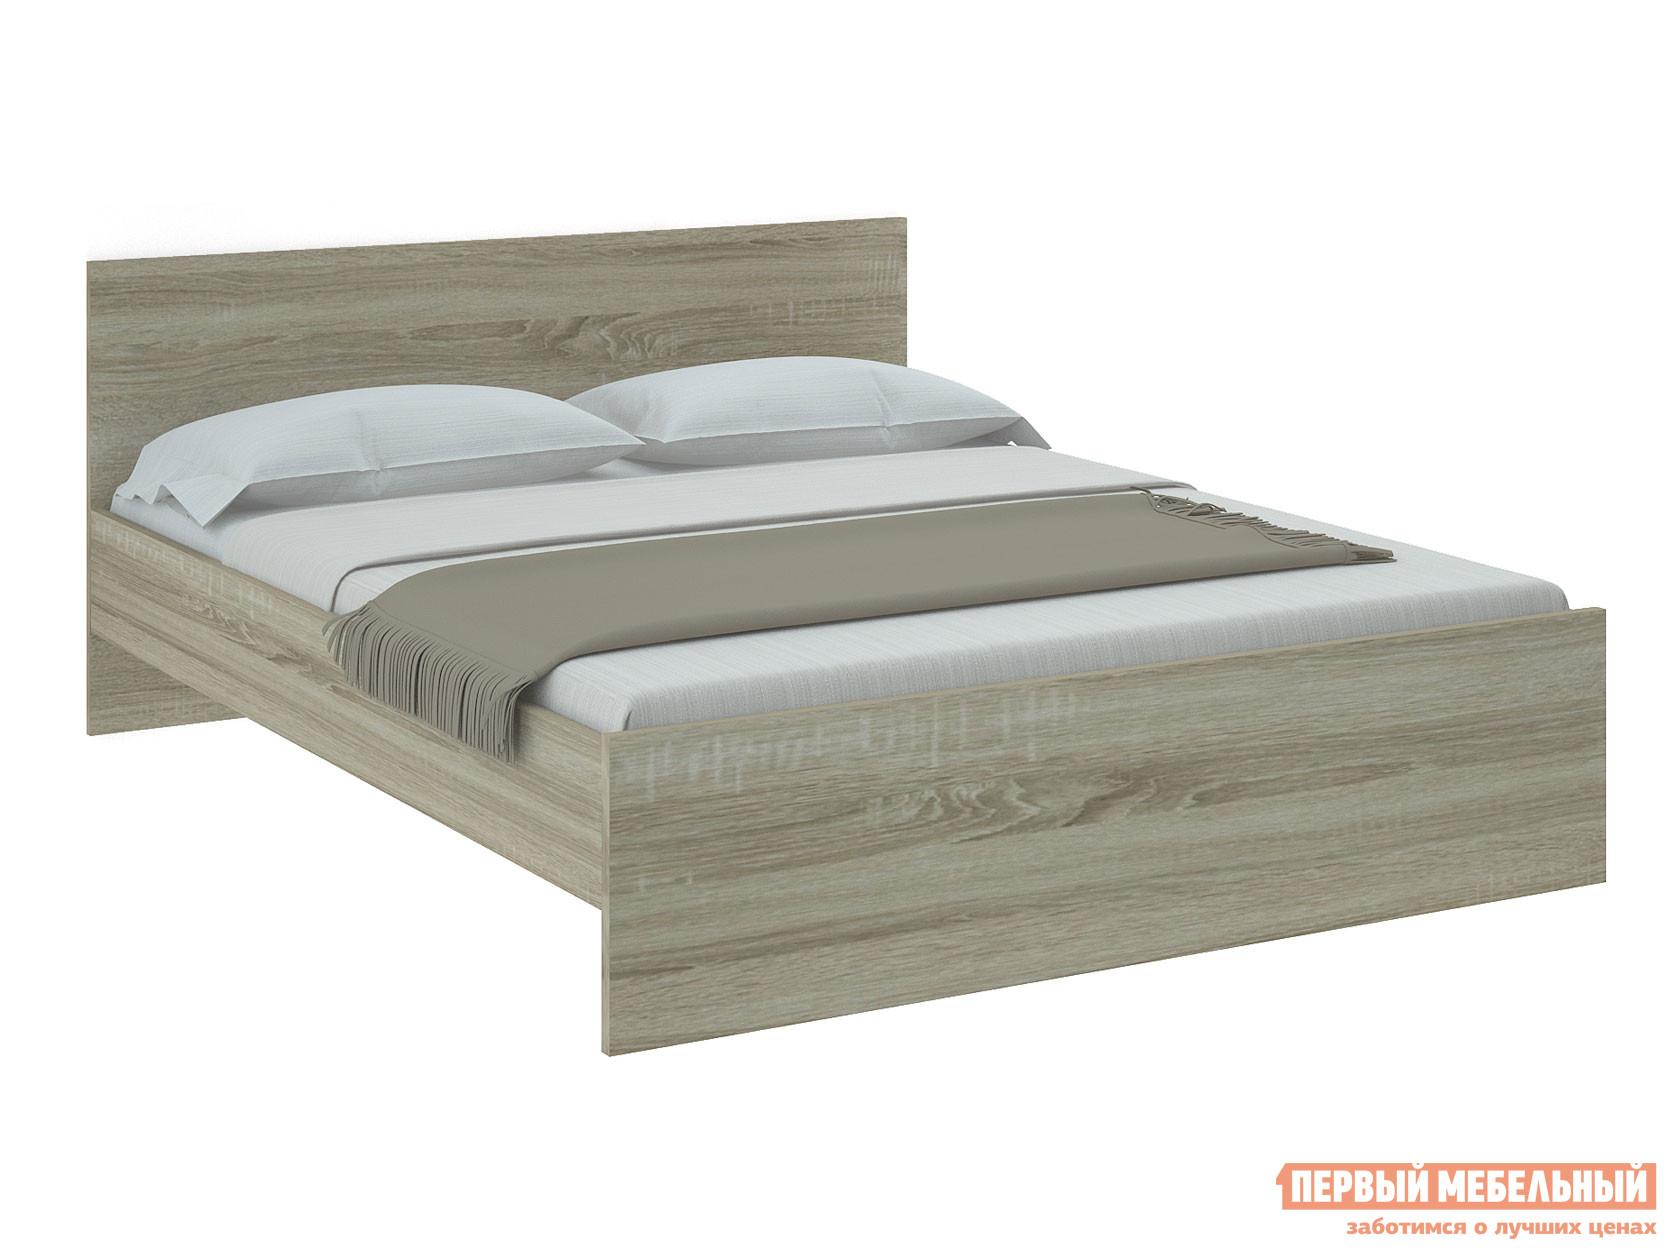 Двуспальная кровать НК-Мебель НИКОЛЬ кровать